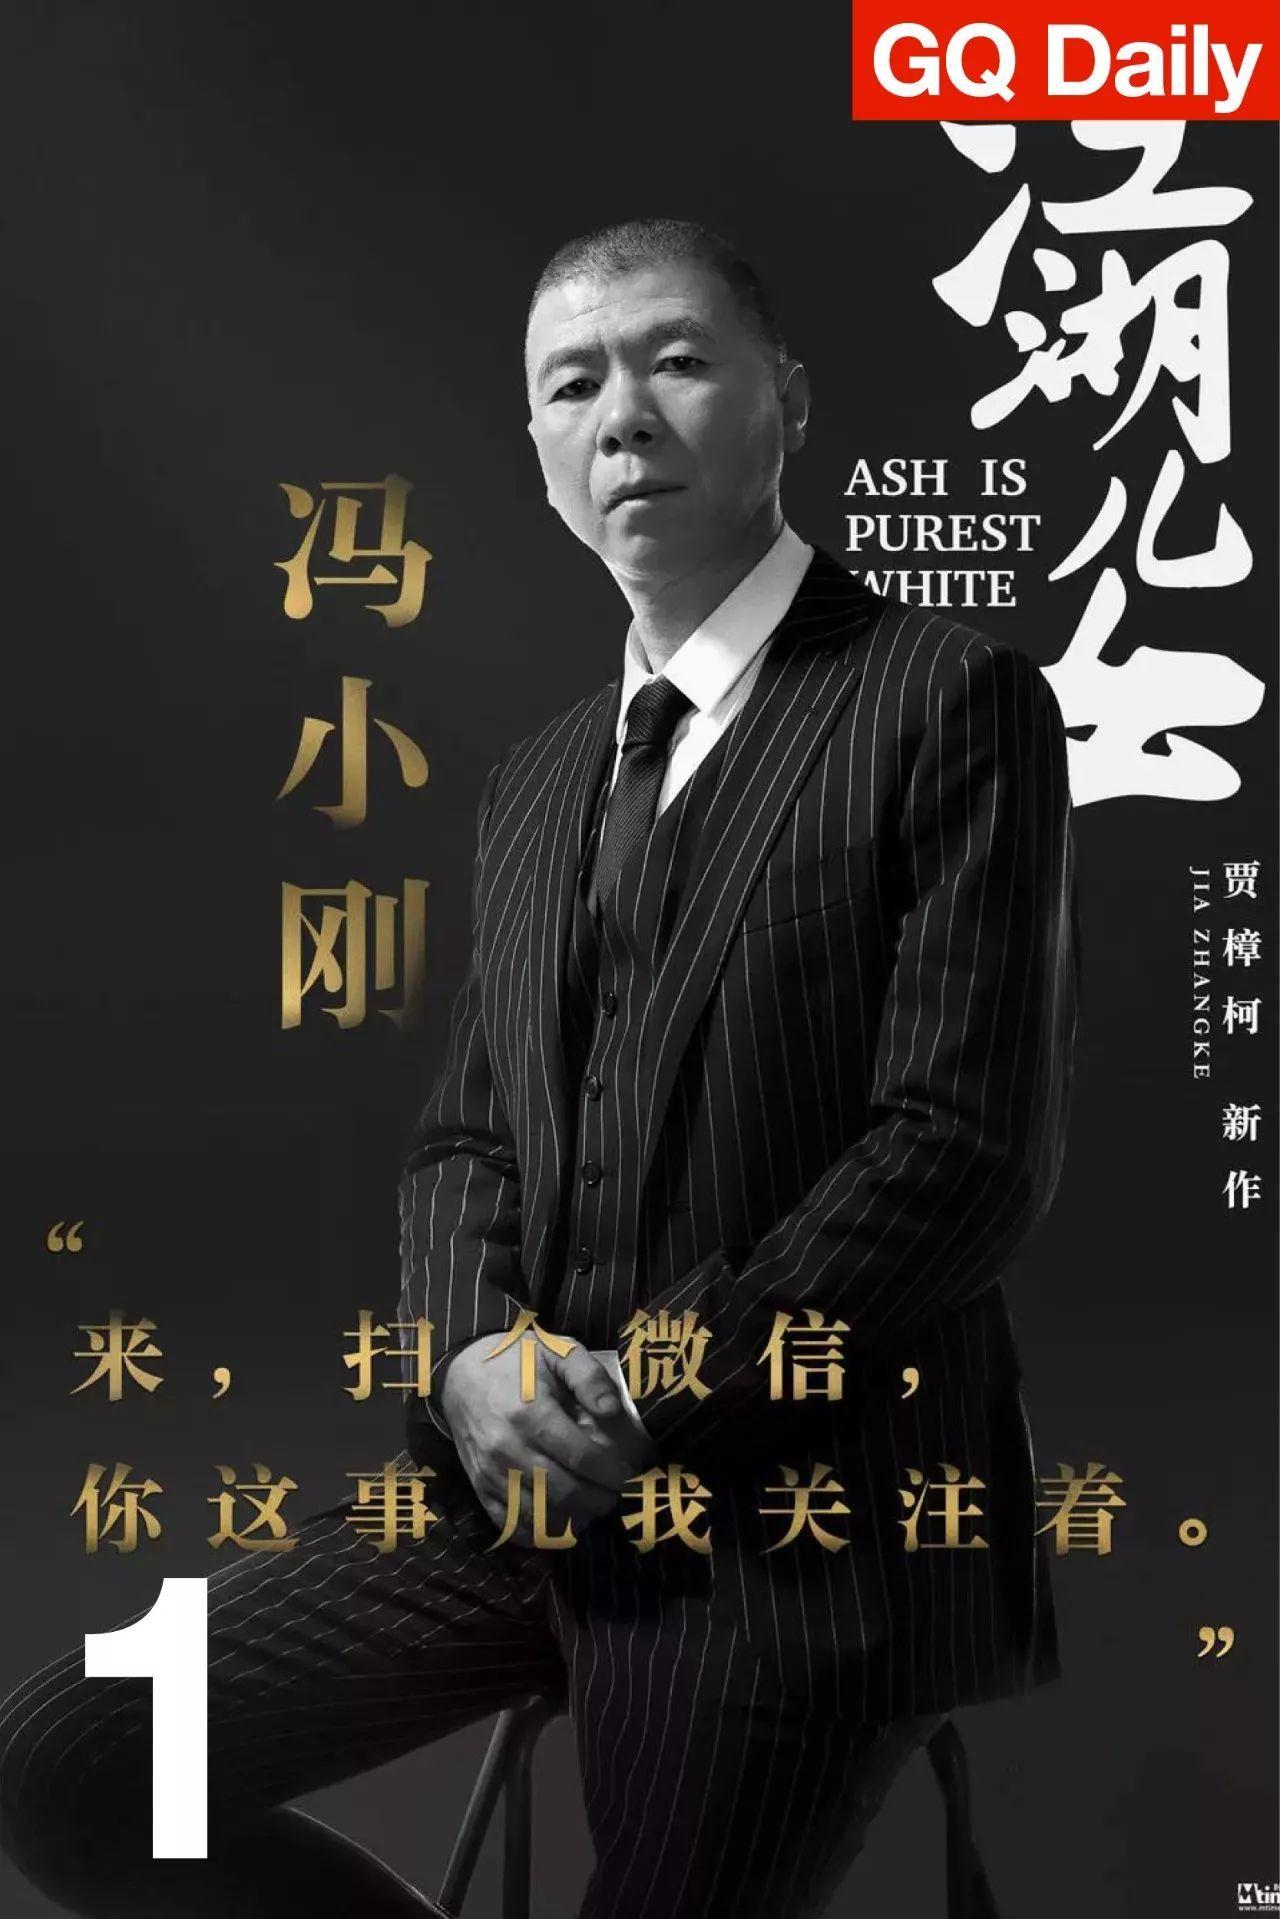 冯小刚又要演电影了,这才是戏精的诞生 | GQ Daily